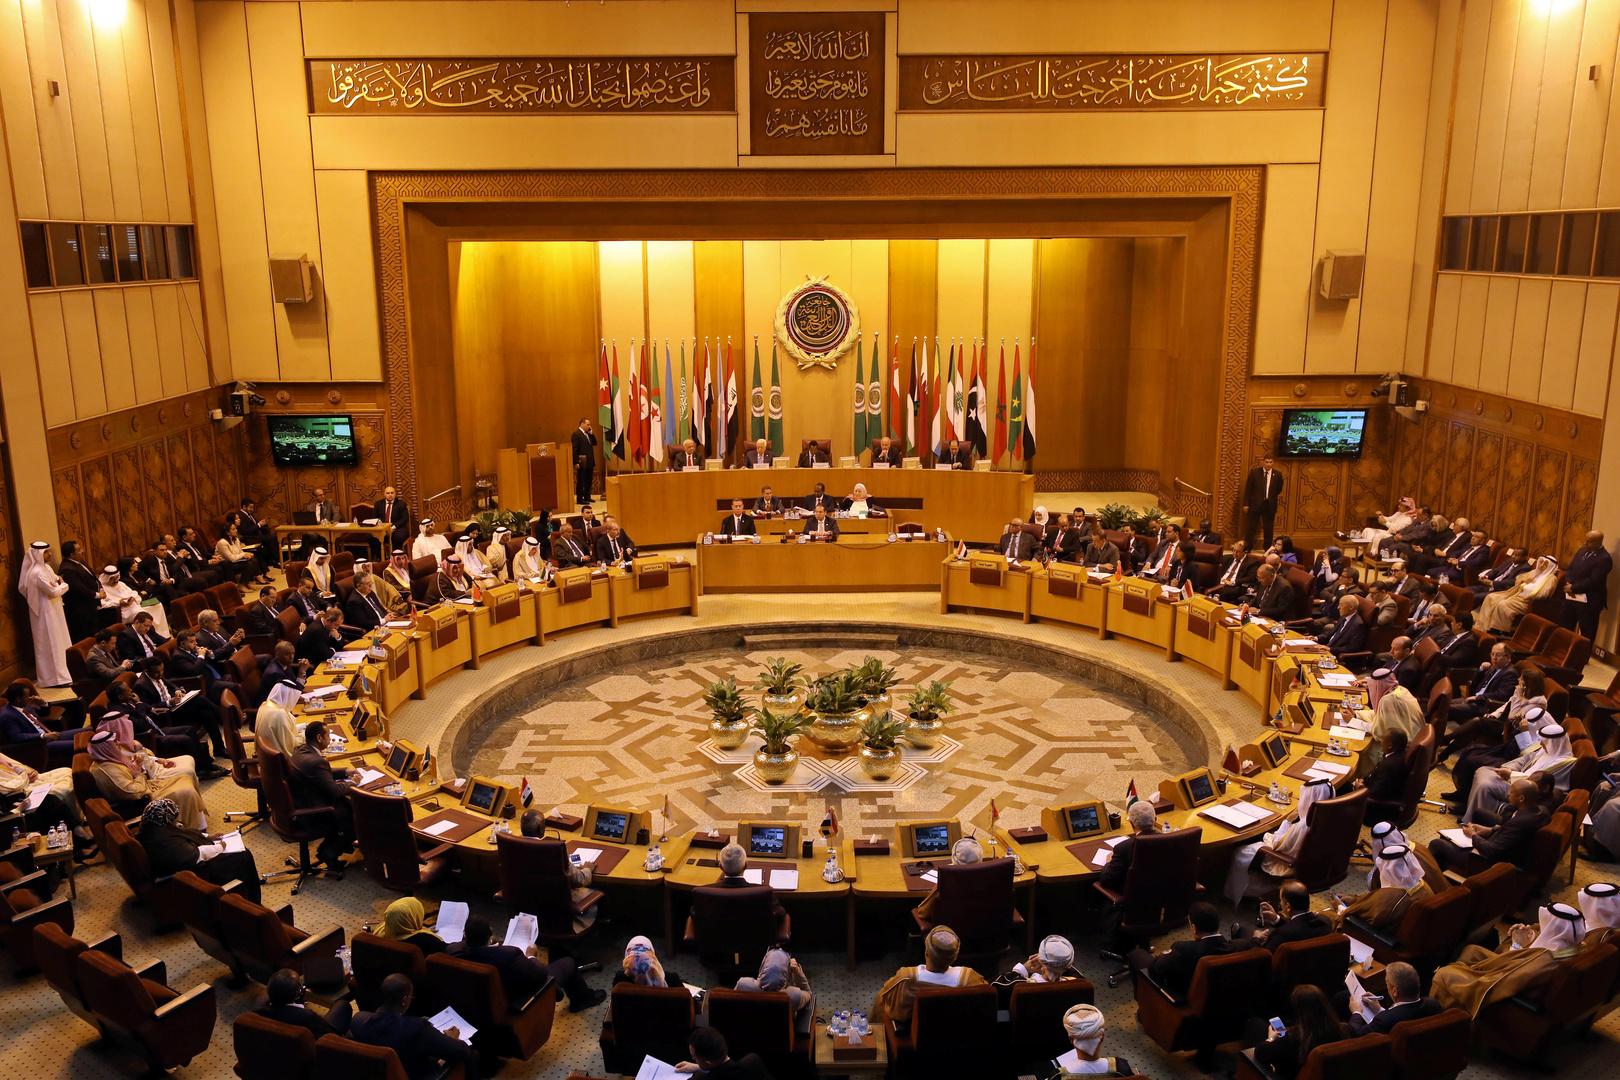 الجامعة العربية تدين تفجير سوق الوحيلات شرقي بغداد